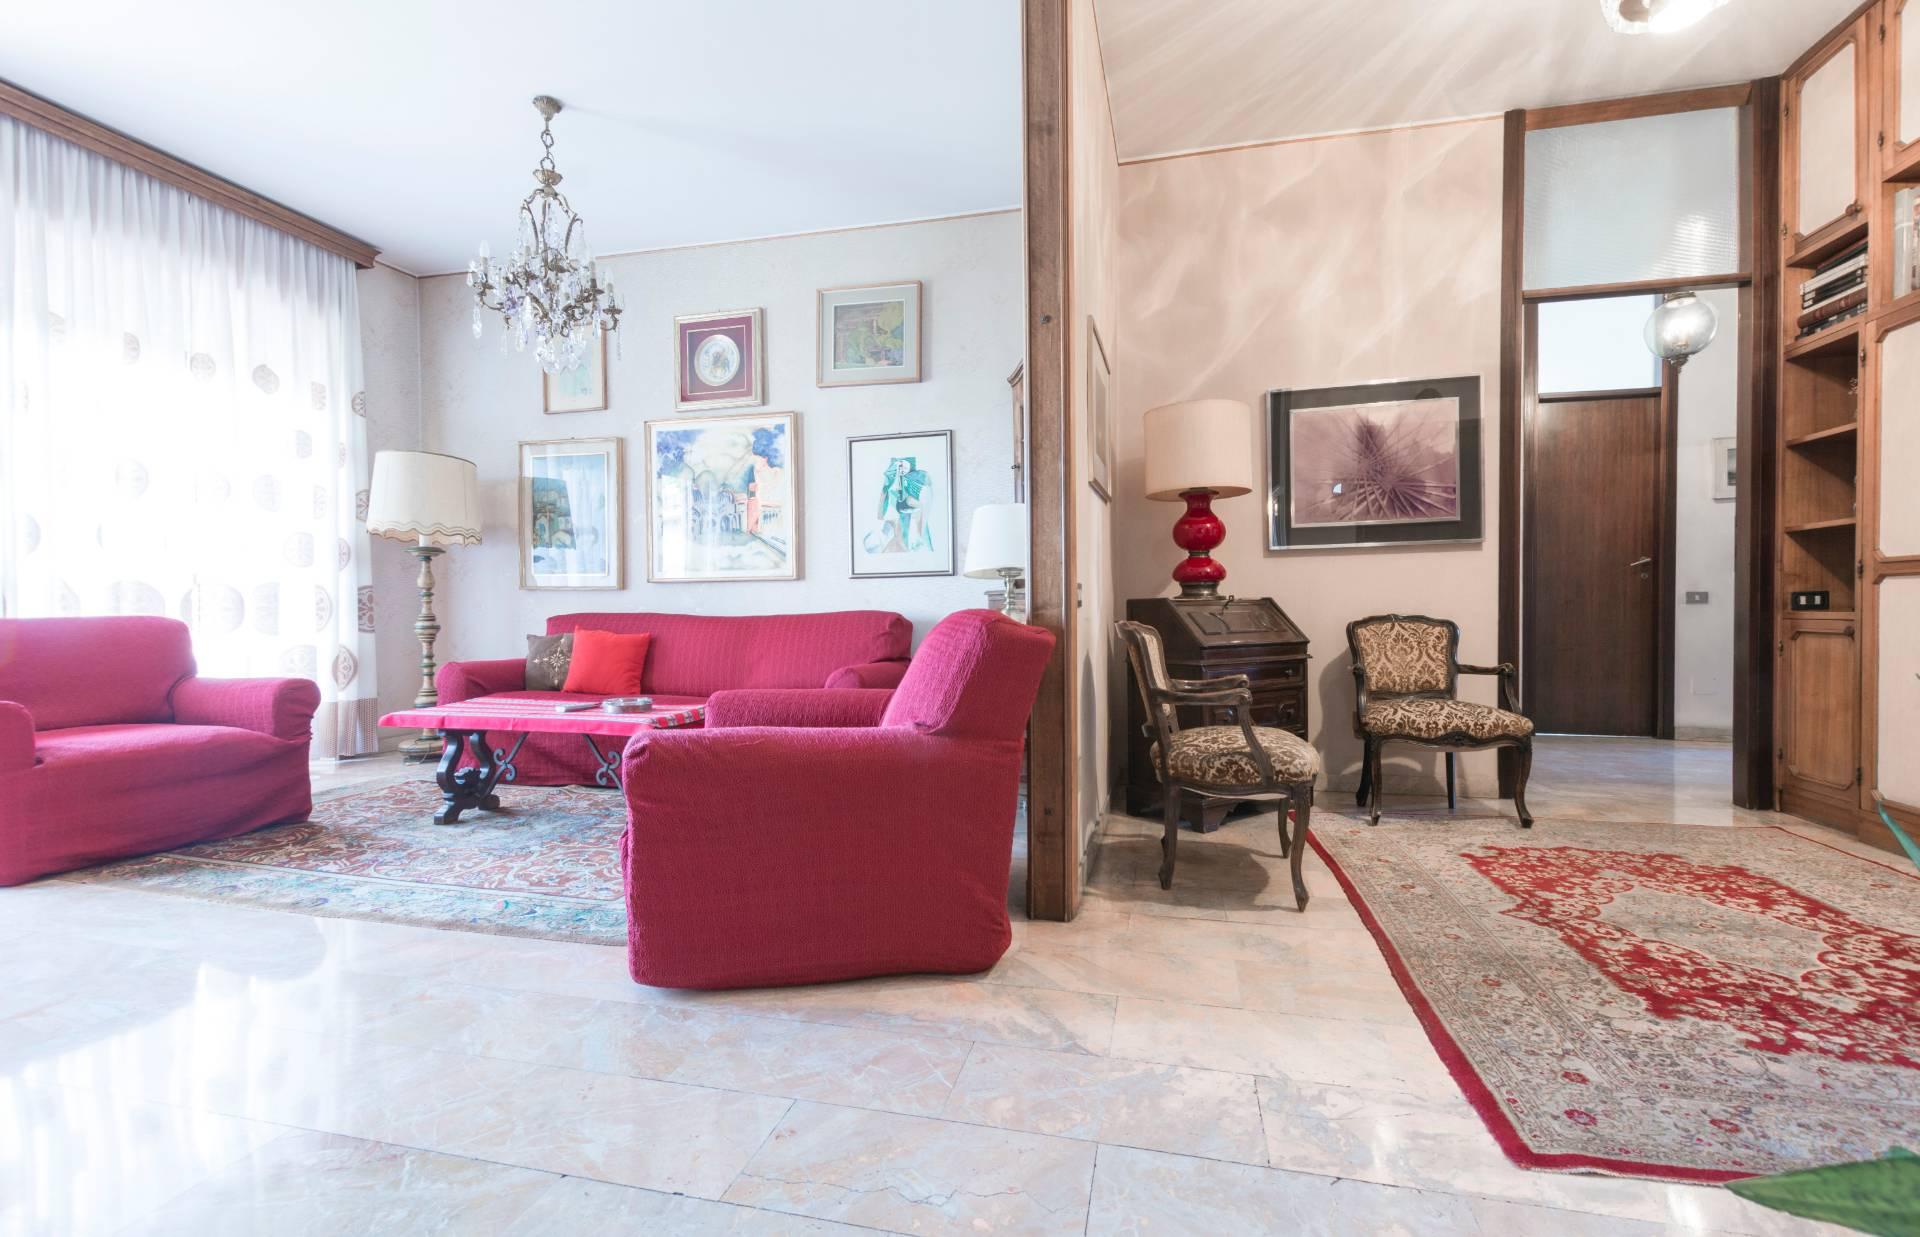 Appartamento in vendita a Milano, 4 locali, zona Zona: 17 . Quarto Oggiaro, Villapizzone, Certosa, Vialba, prezzo € 385.000 | CambioCasa.it